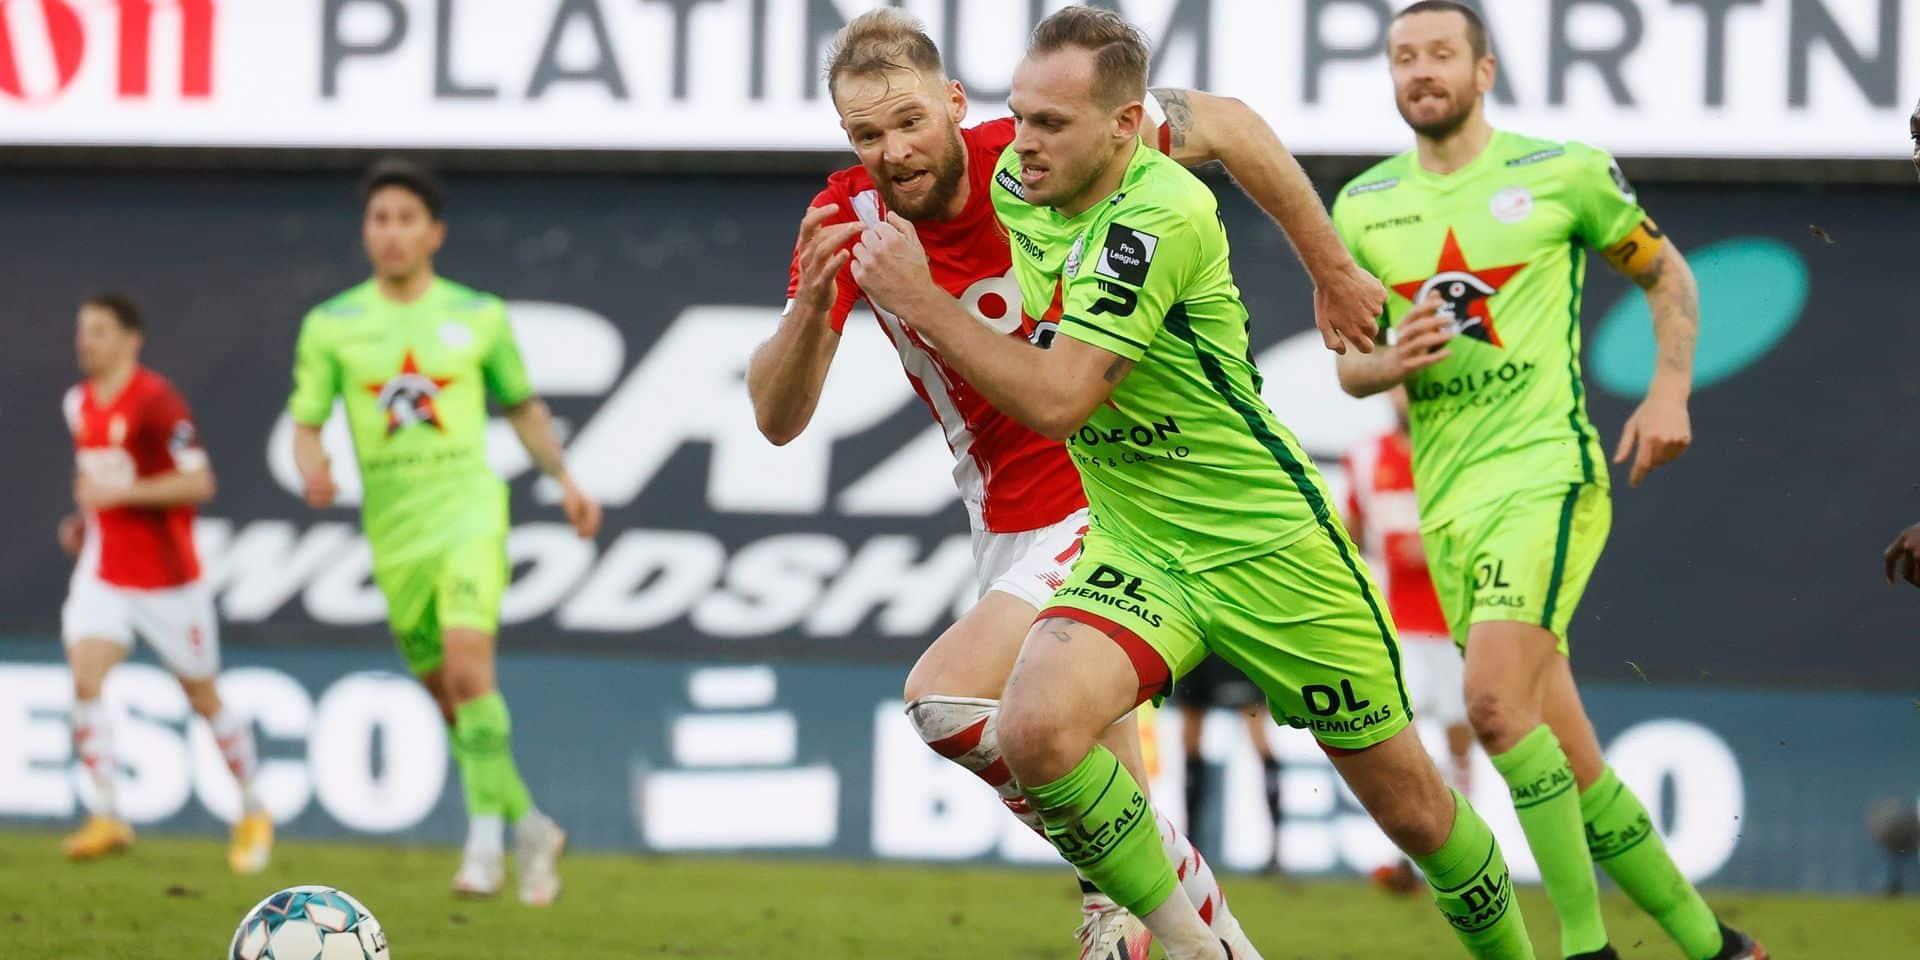 Le Standard s'incline à Zulte après avoir mené deux fois au score (3-2)